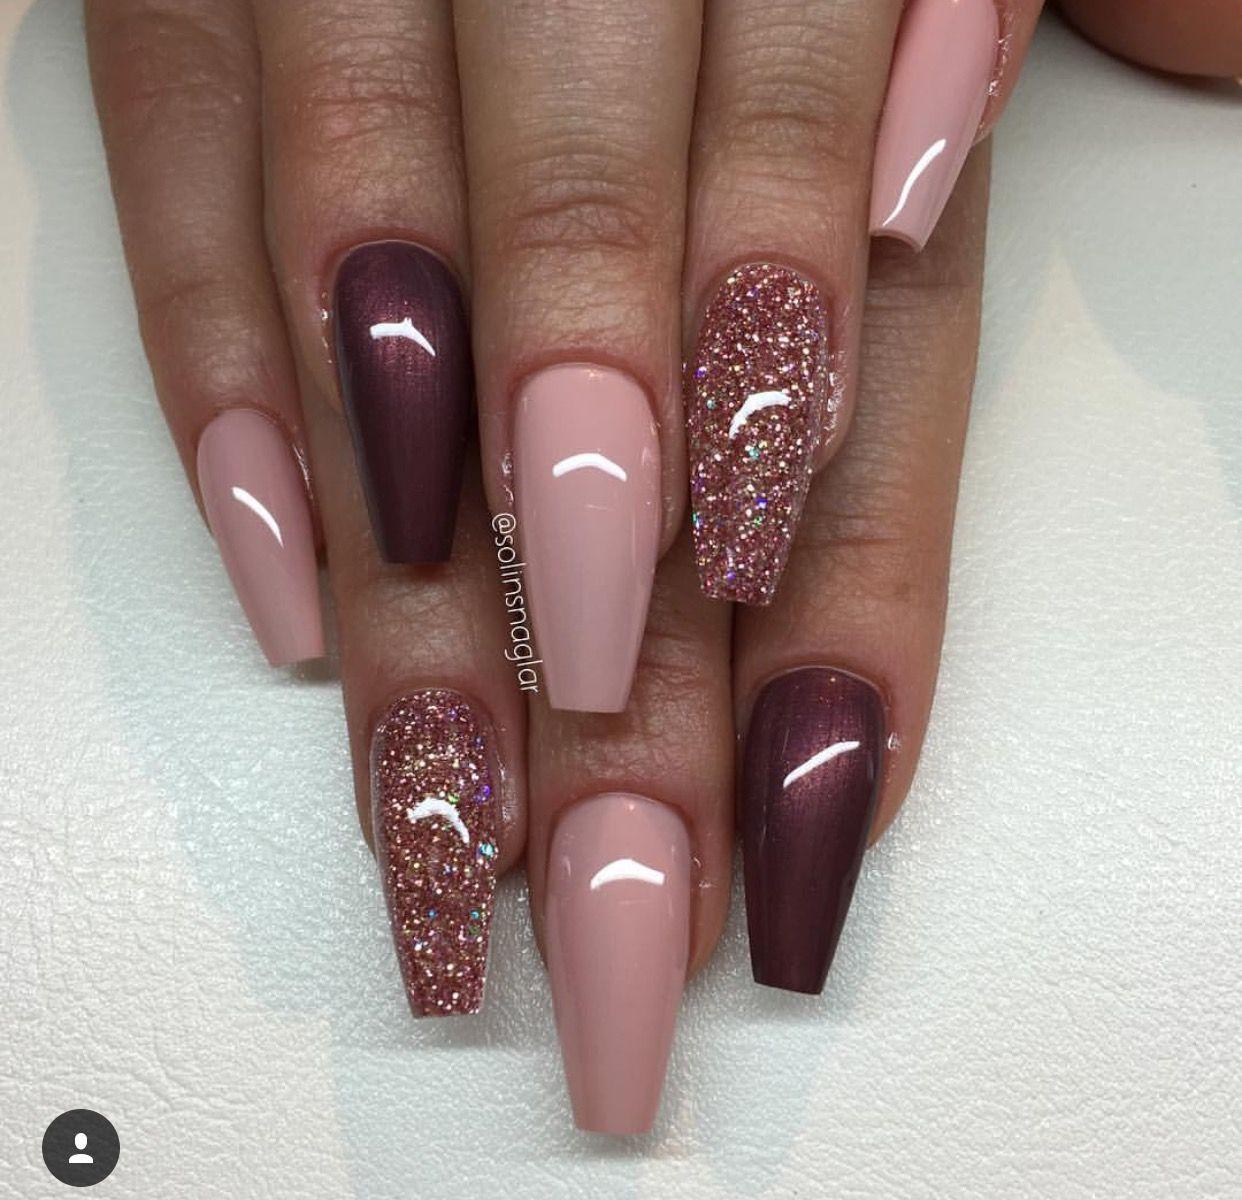 Pin by imelda ortiz on Nails   Pinterest   Make up, Nail nail and ...